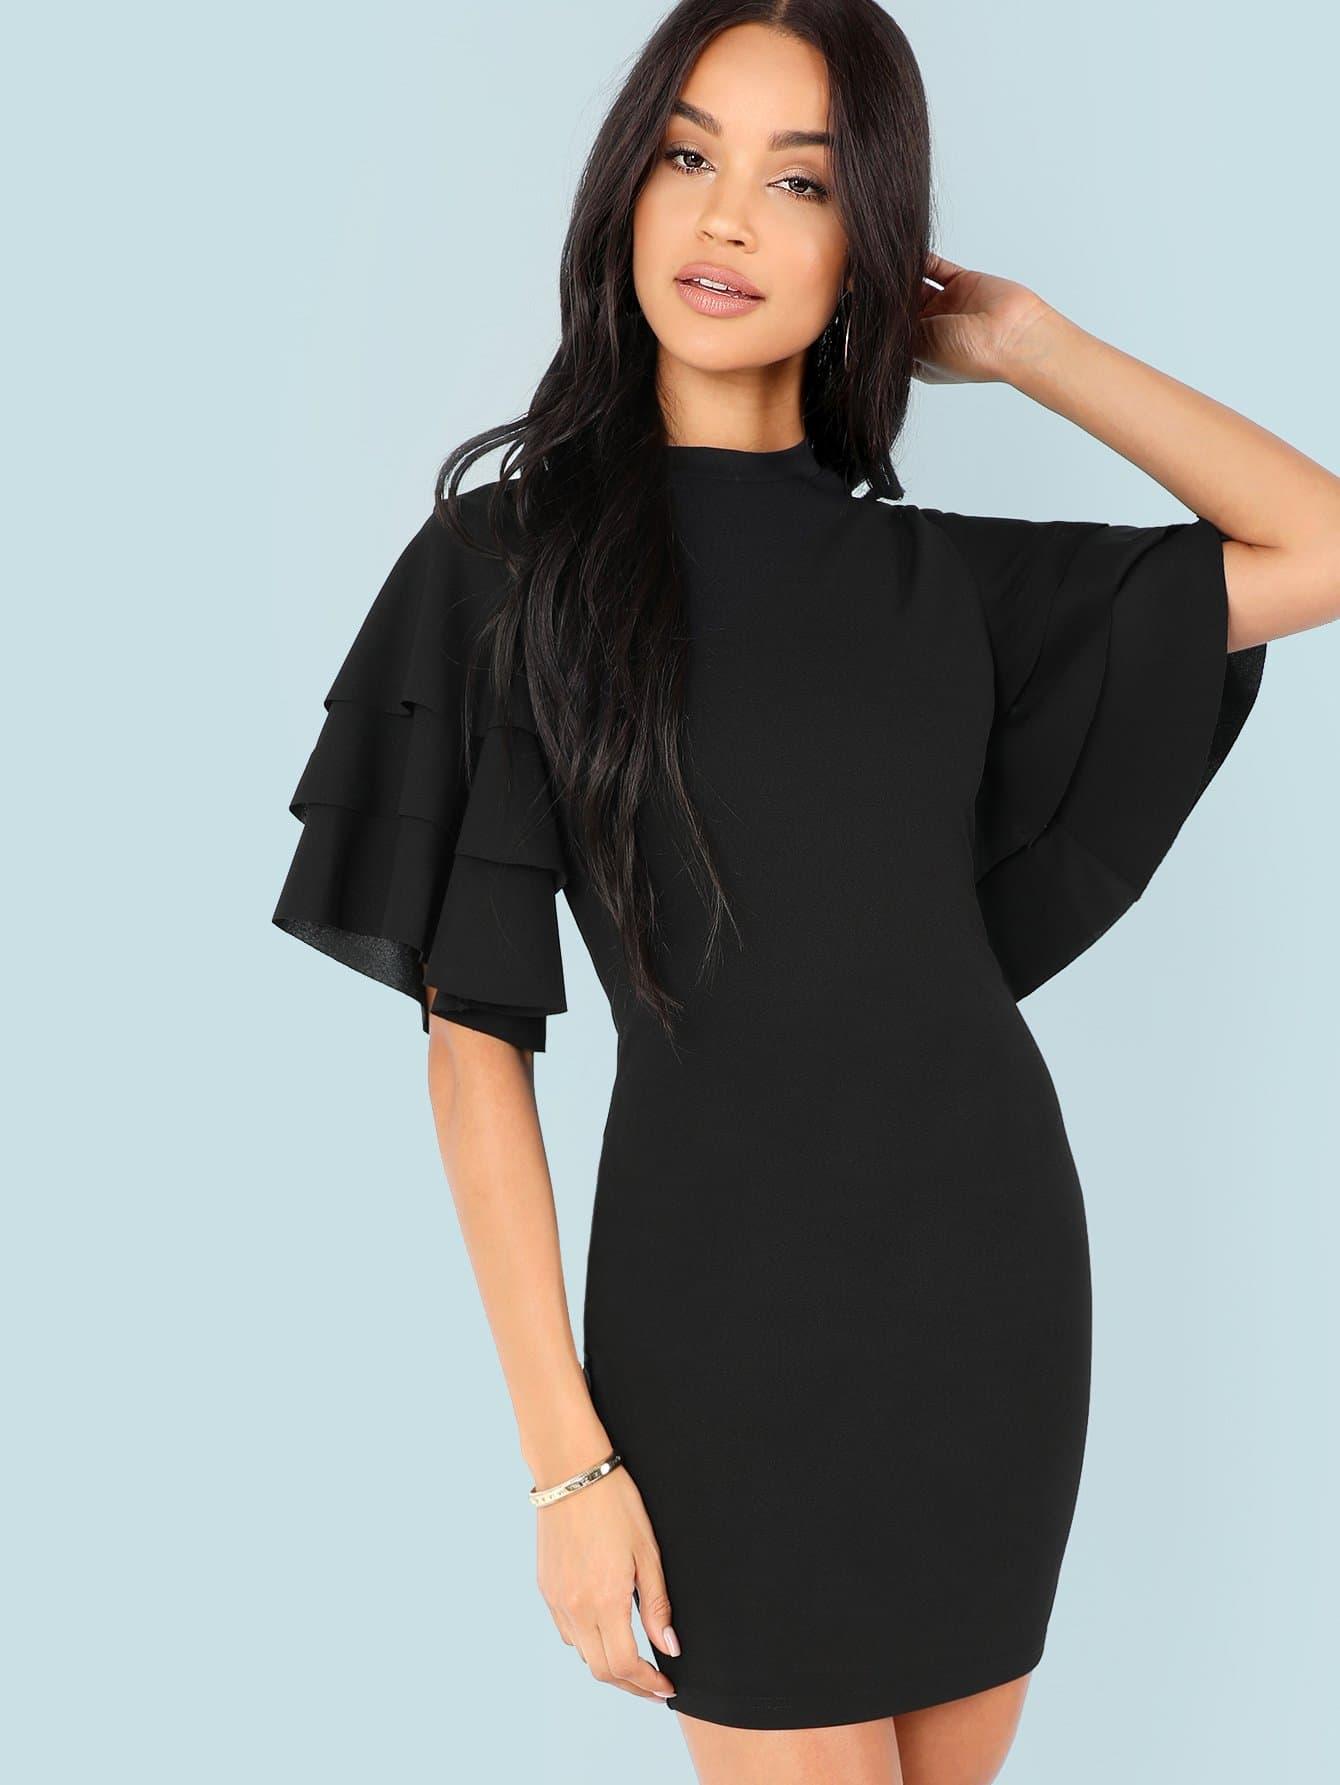 Платье с коротким рукавом, Sophia G, SheIn  - купить со скидкой